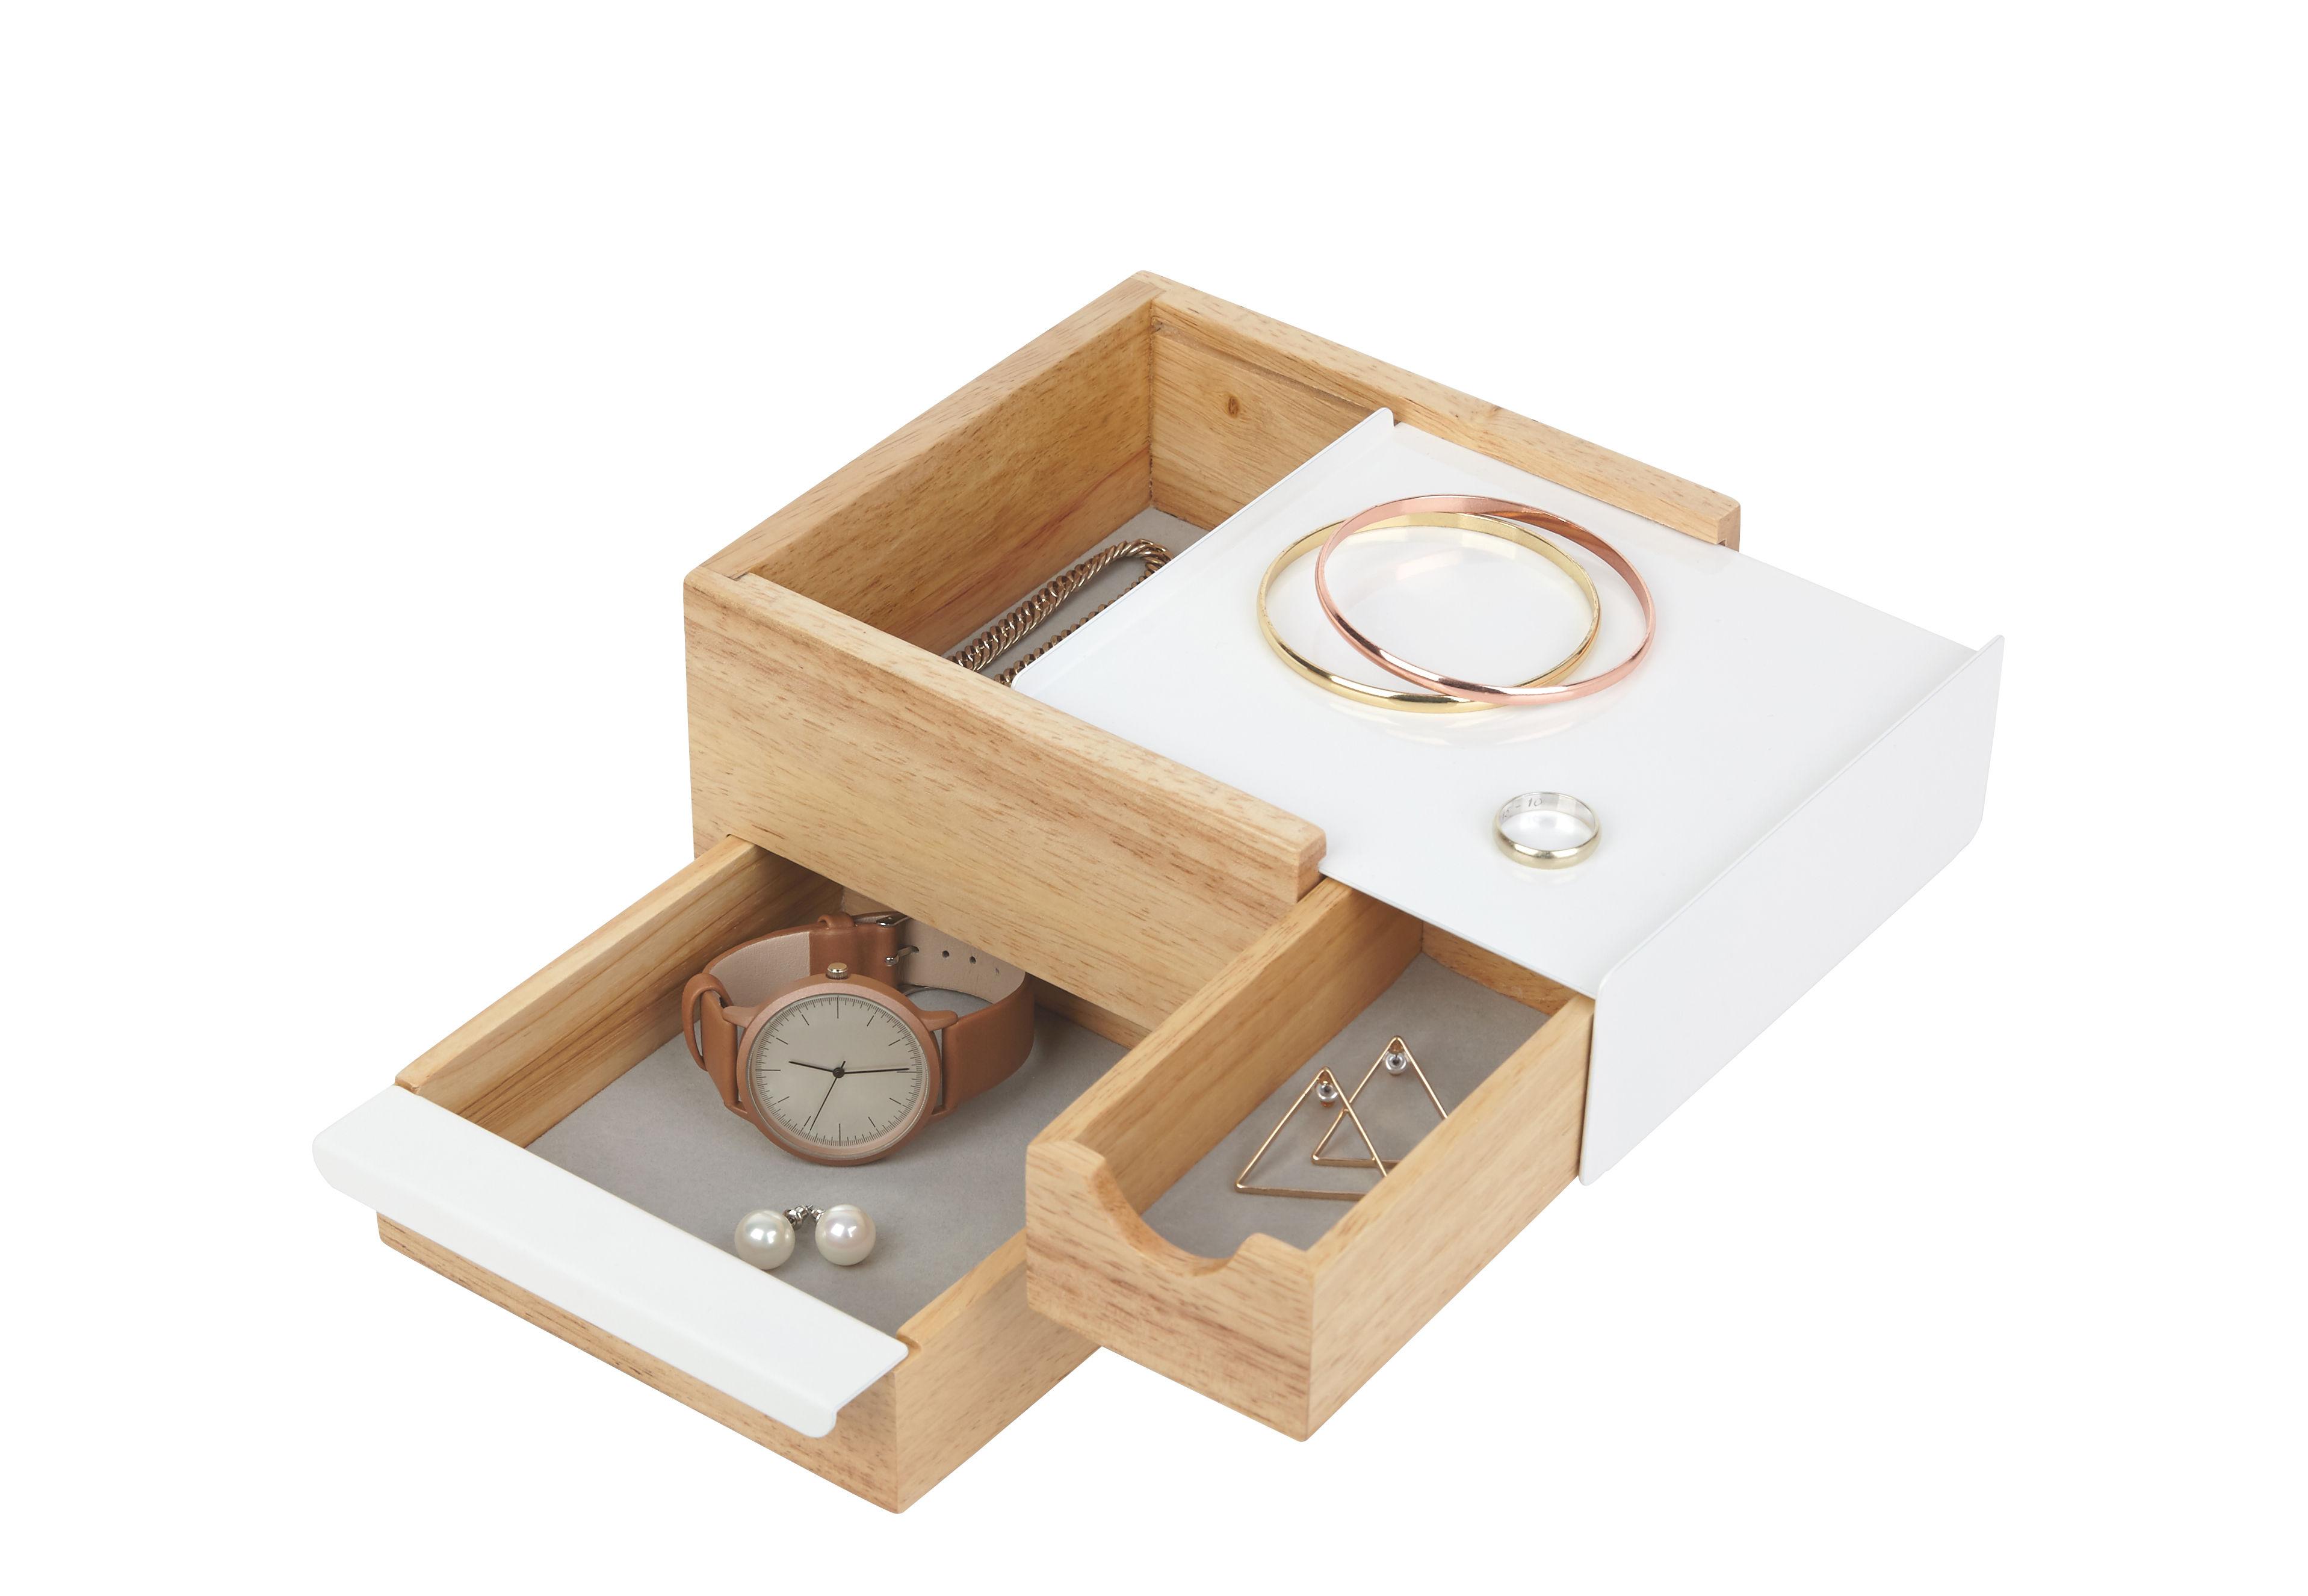 Déco - Boîtes déco - Boîte à bijoux Stowit Small / 17 x 15 cm - Umbra - Small / Blanc & bois - Bois, Métal laqué